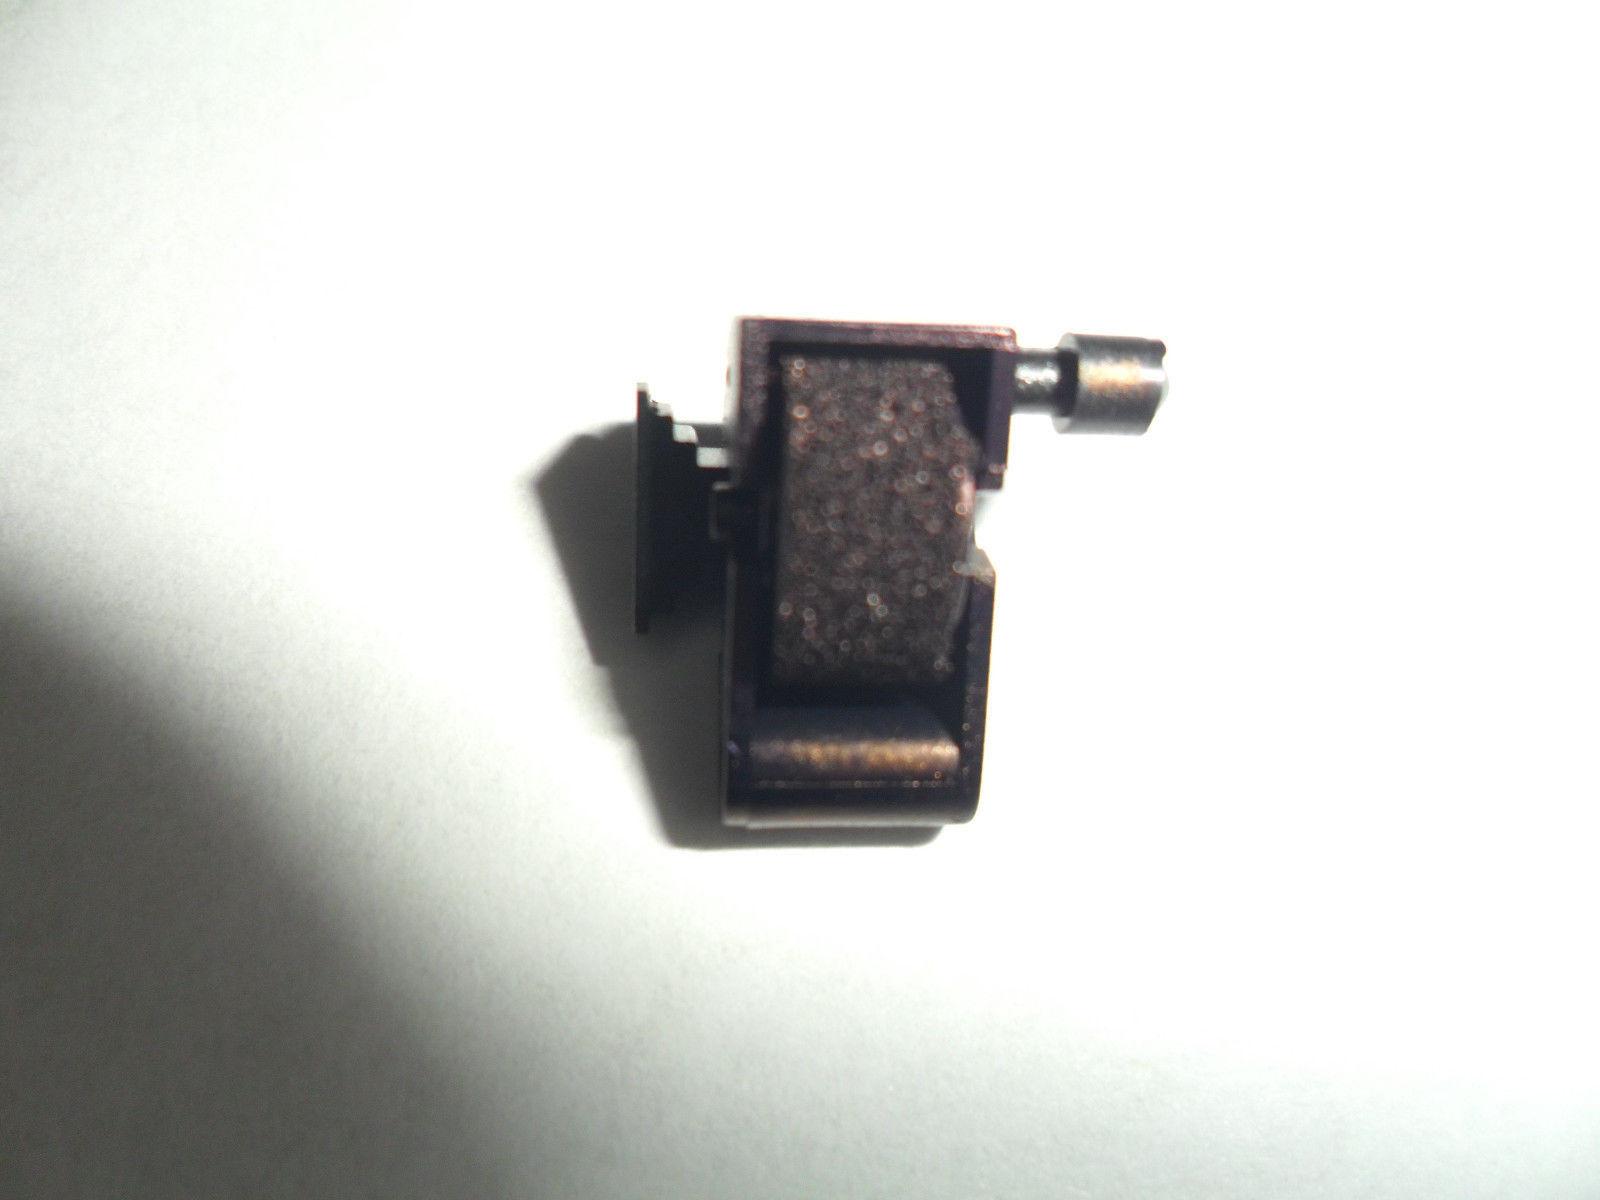 Sharp EL-1611S EL1611S Calculator Ink Roller Replaces Sharp EA-732R Purple